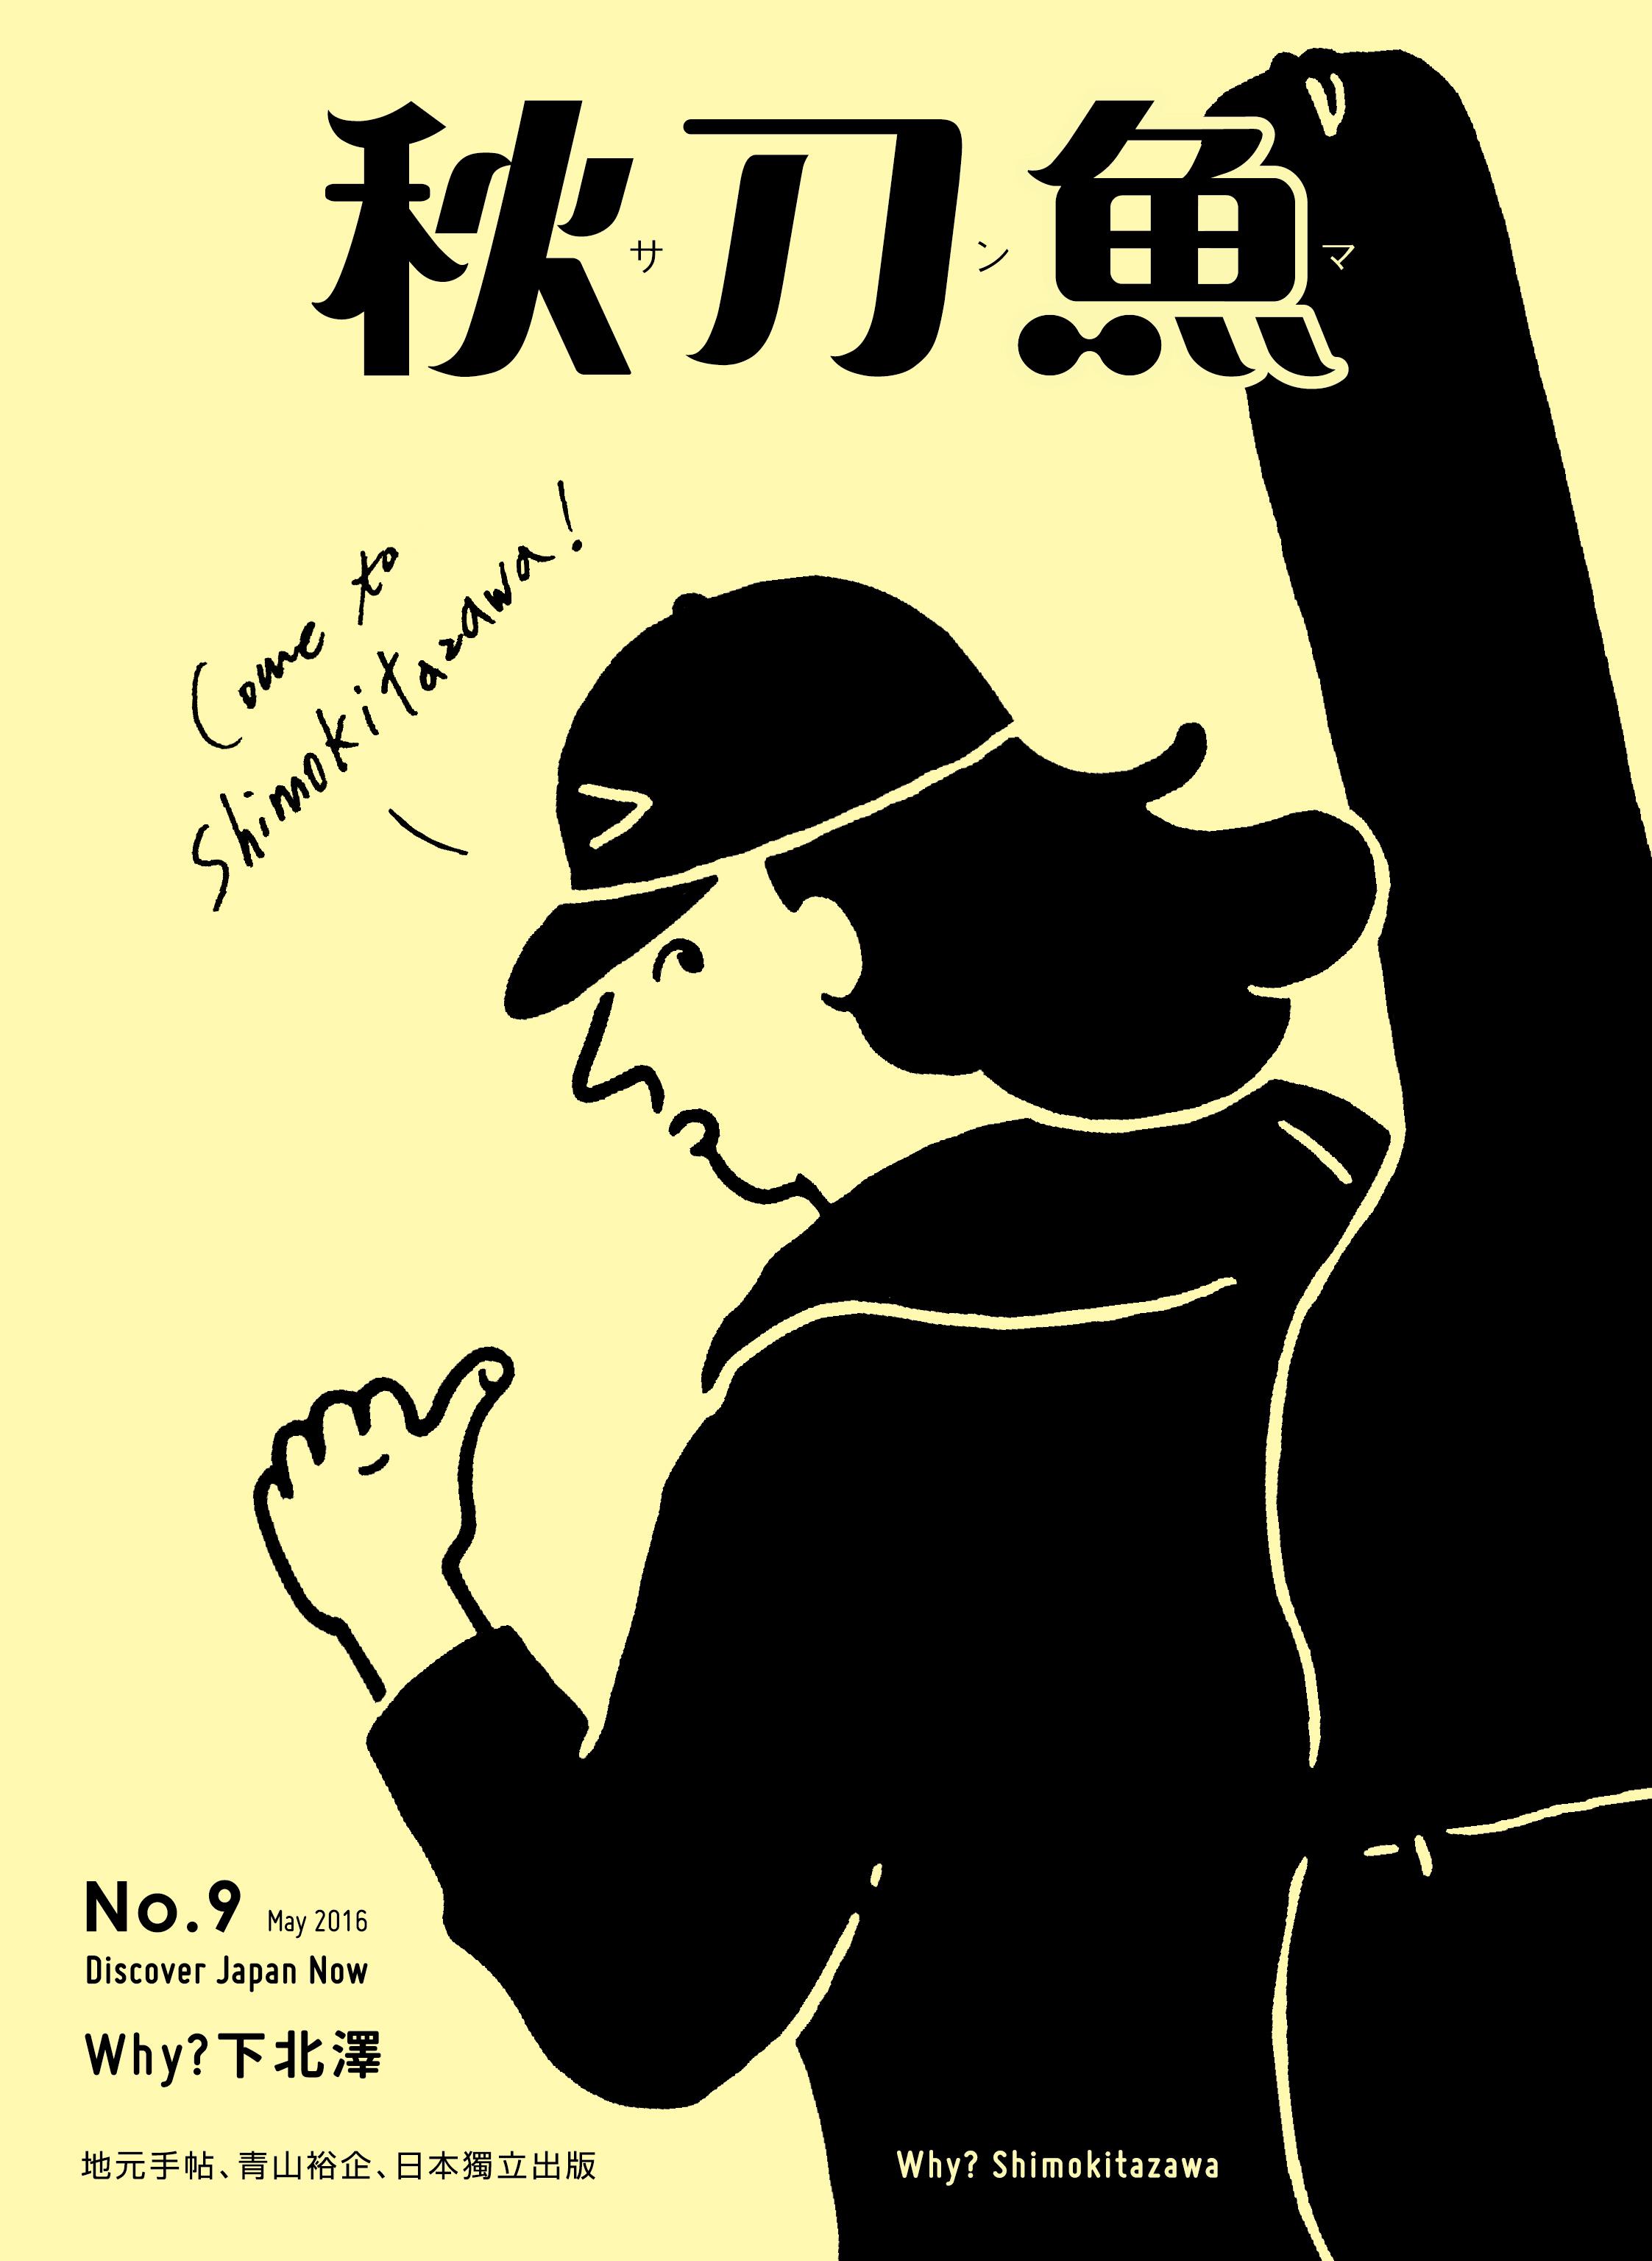 秋刀魚 第9期  〈WHY?下北澤〉  在庫  ﹥20